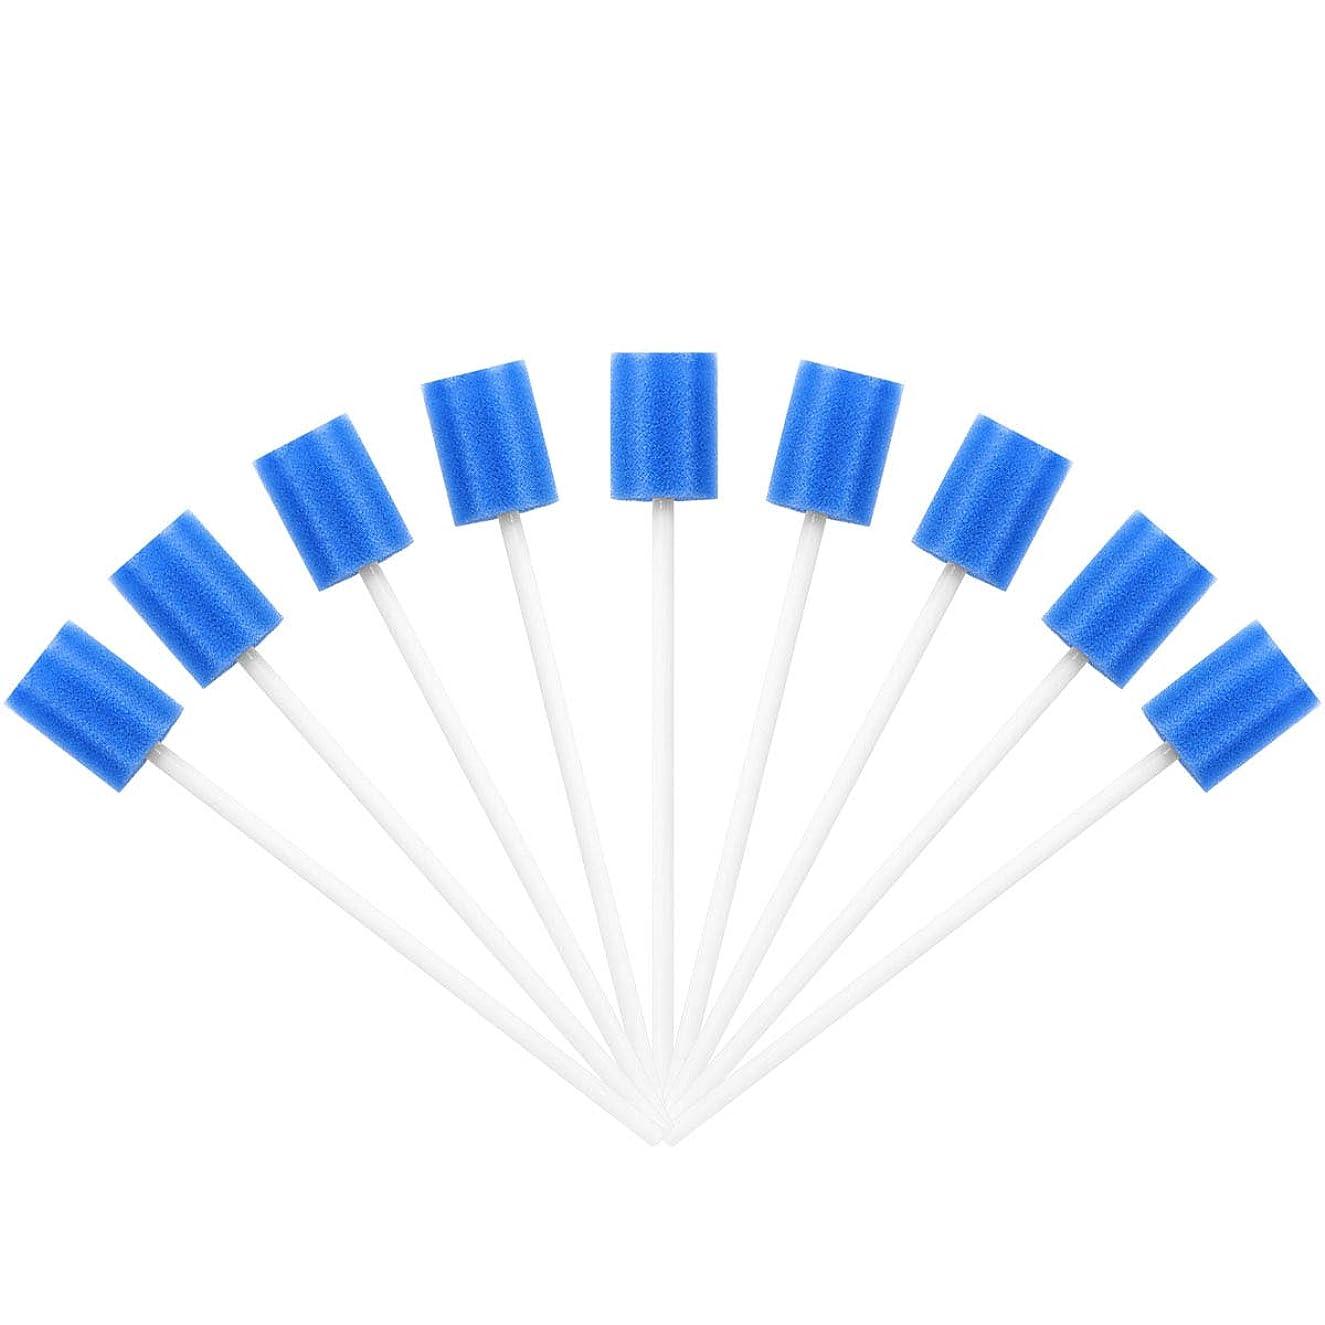 作動する世界的に悲観的SUPVOX 100PCS使い捨て可能なオーラルケアスポンジ綿棒歯のクリーニングスポンジ綿棒用口腔クリーニング(ブルー)